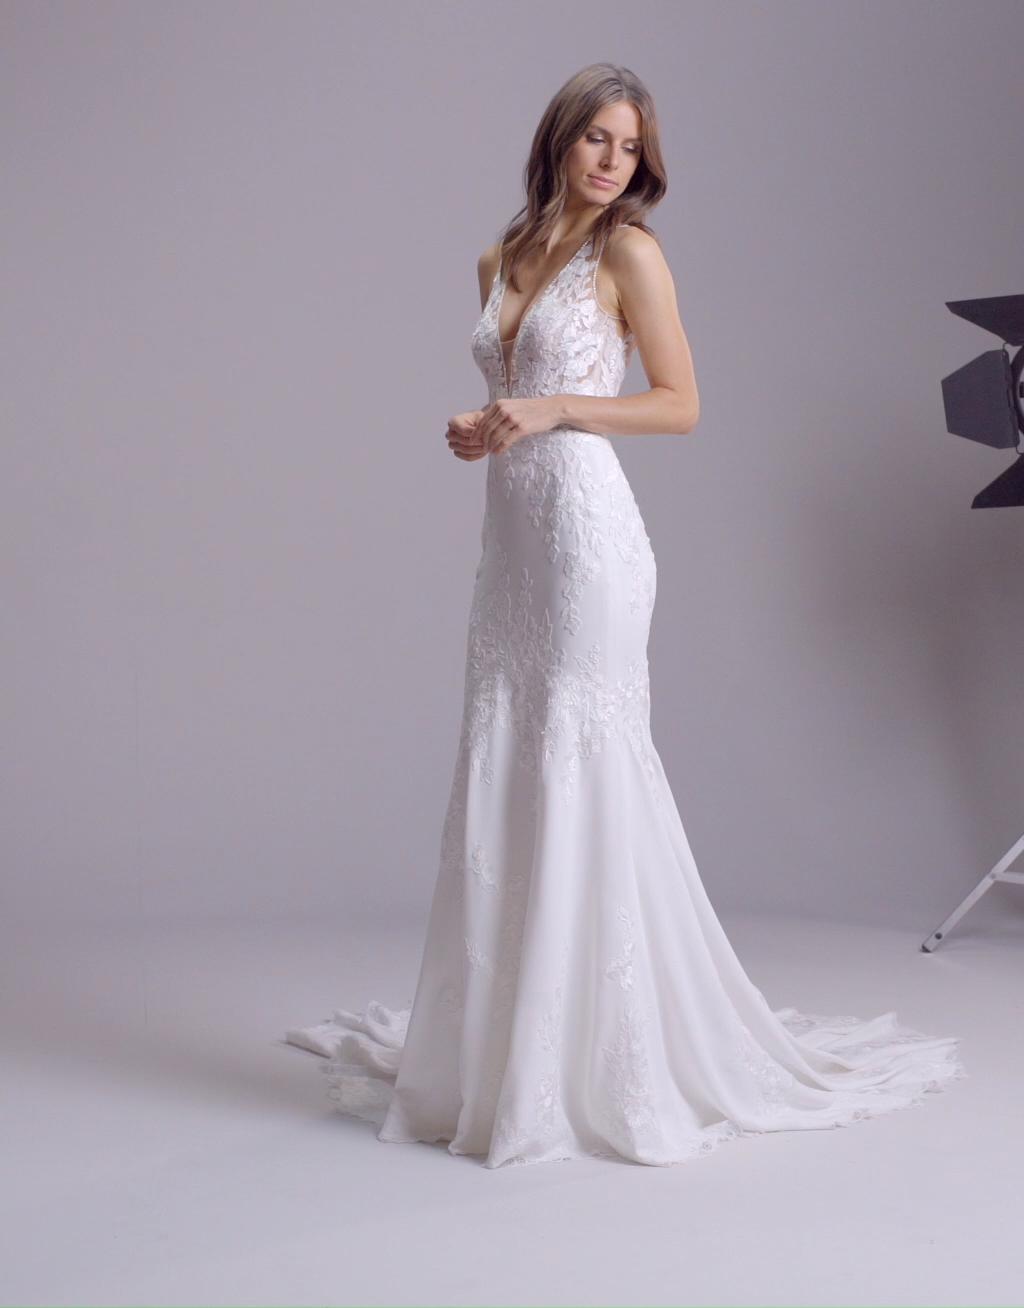 Muses | Alcyone par Pronovias - Boutique de robe de mariée de Créateurs - Robe de mariée sirène en cr